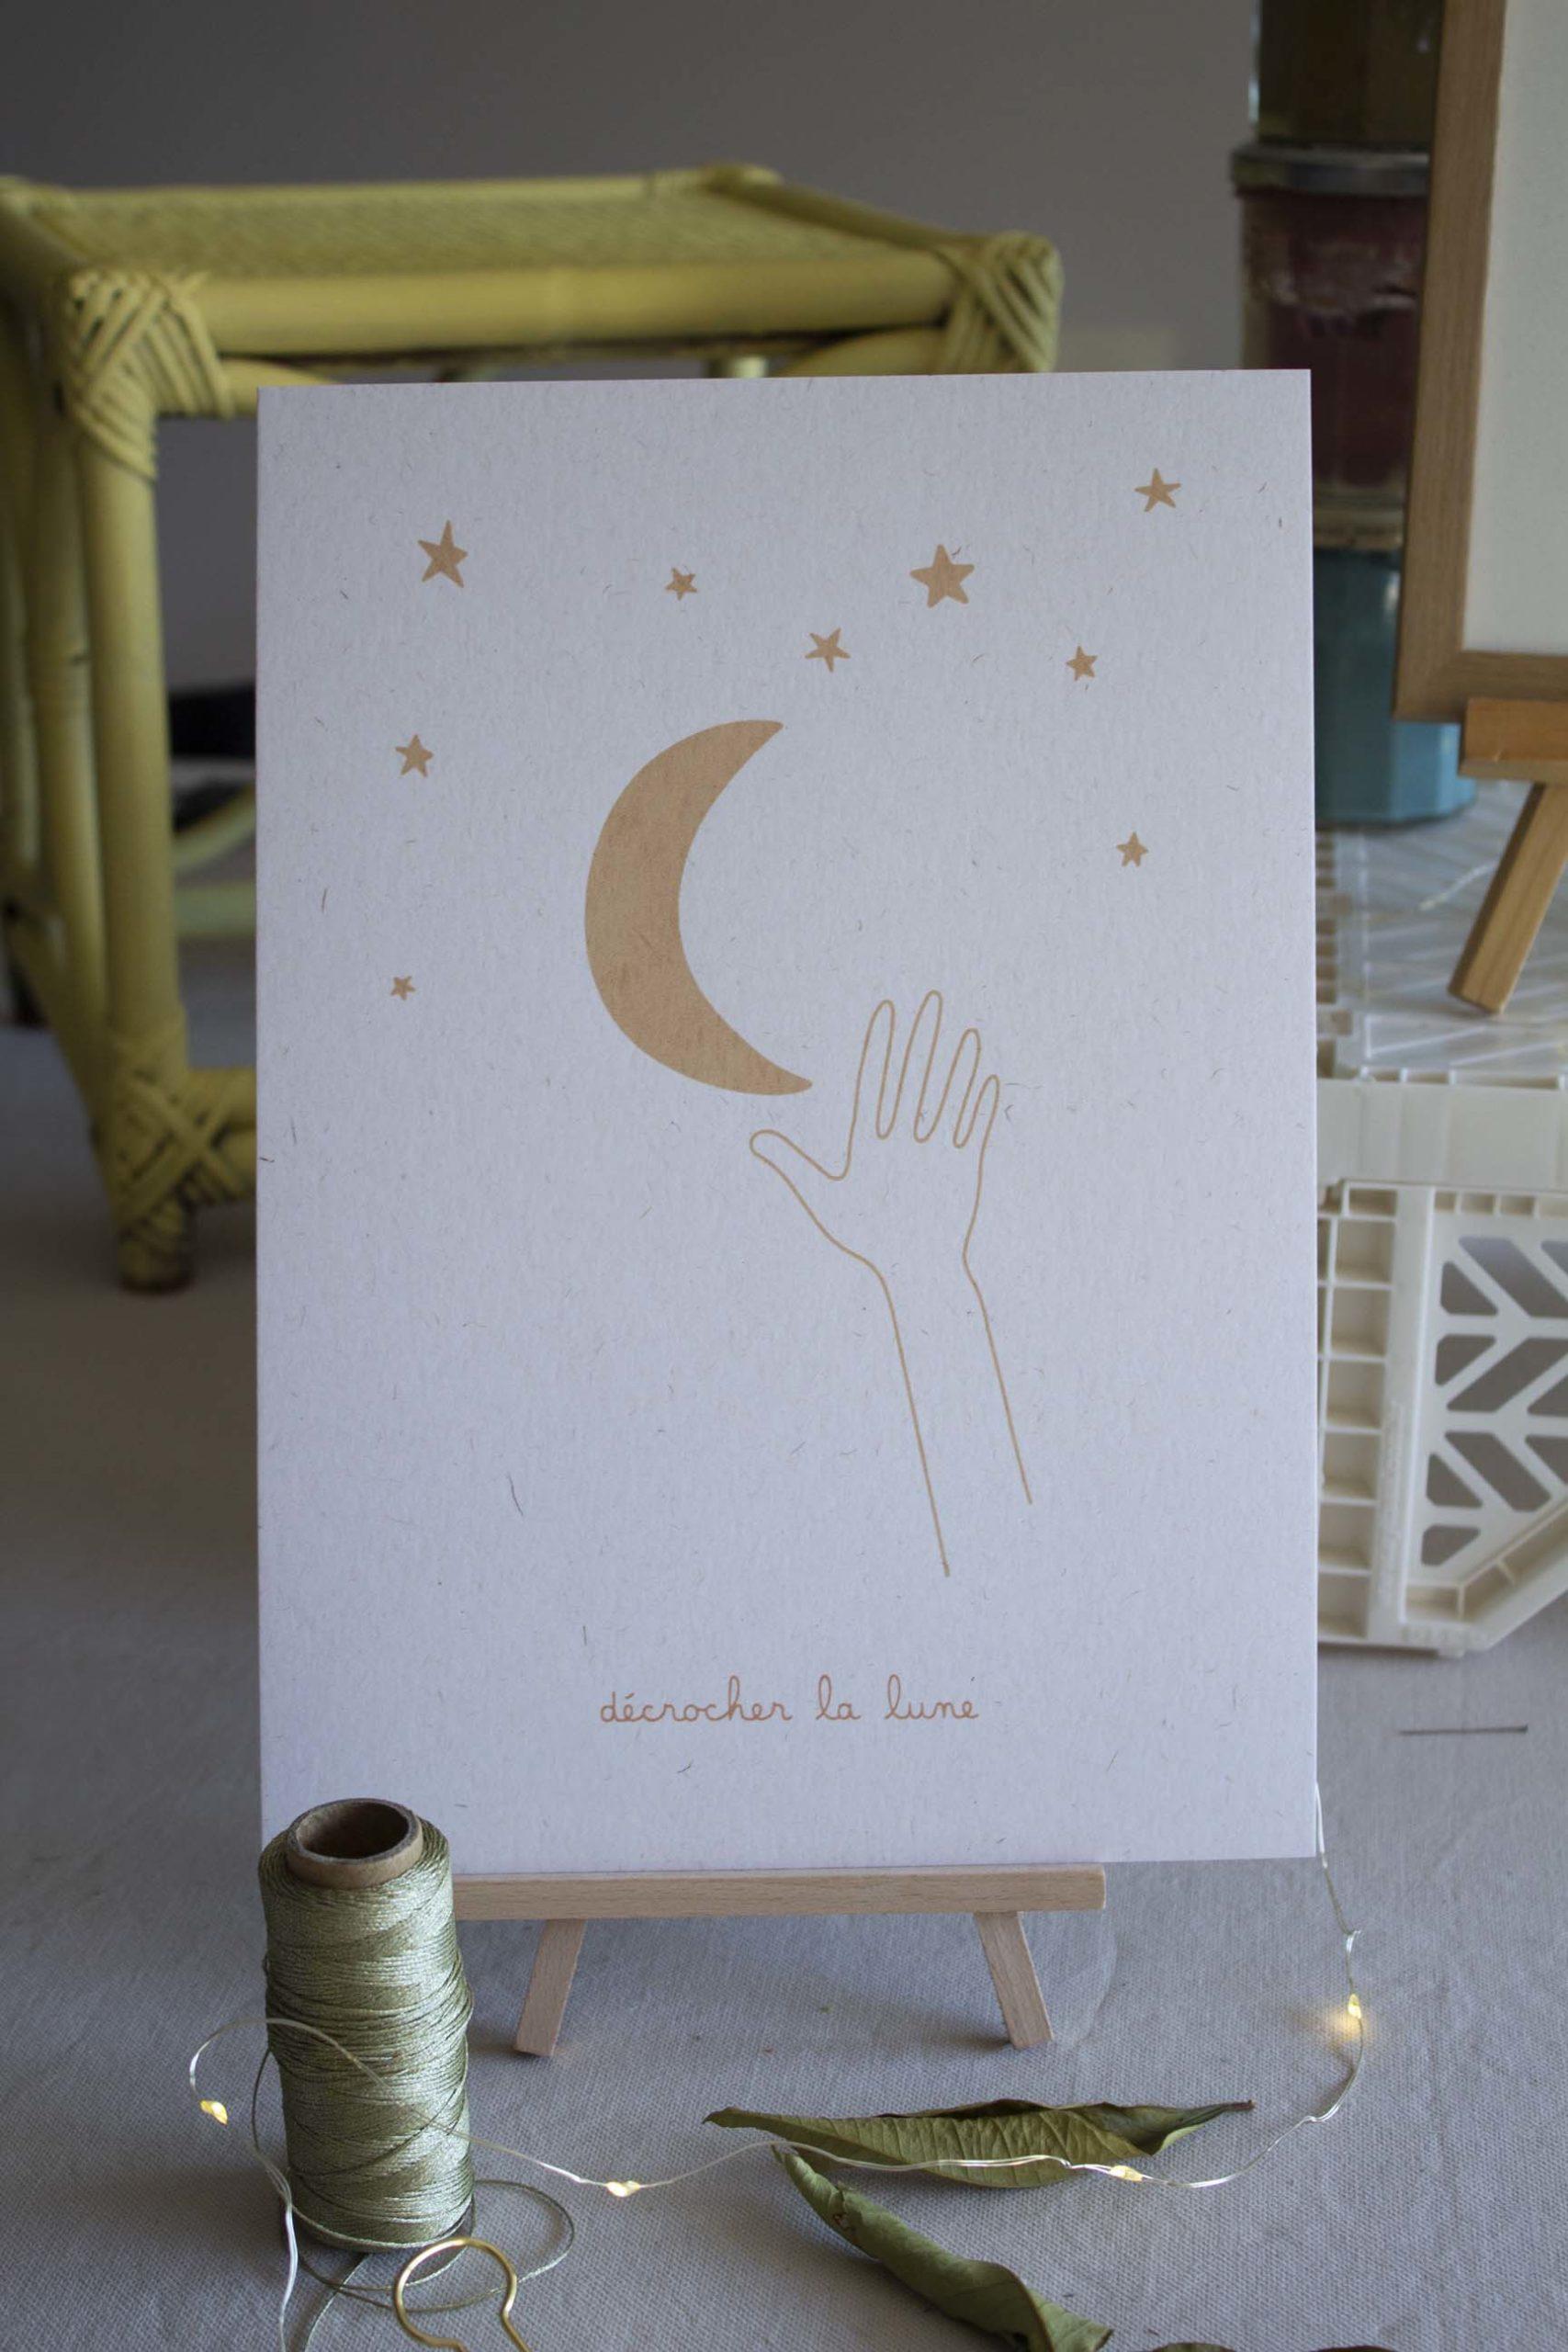 serigraphie-a4-papier-decrocherlalune-beige